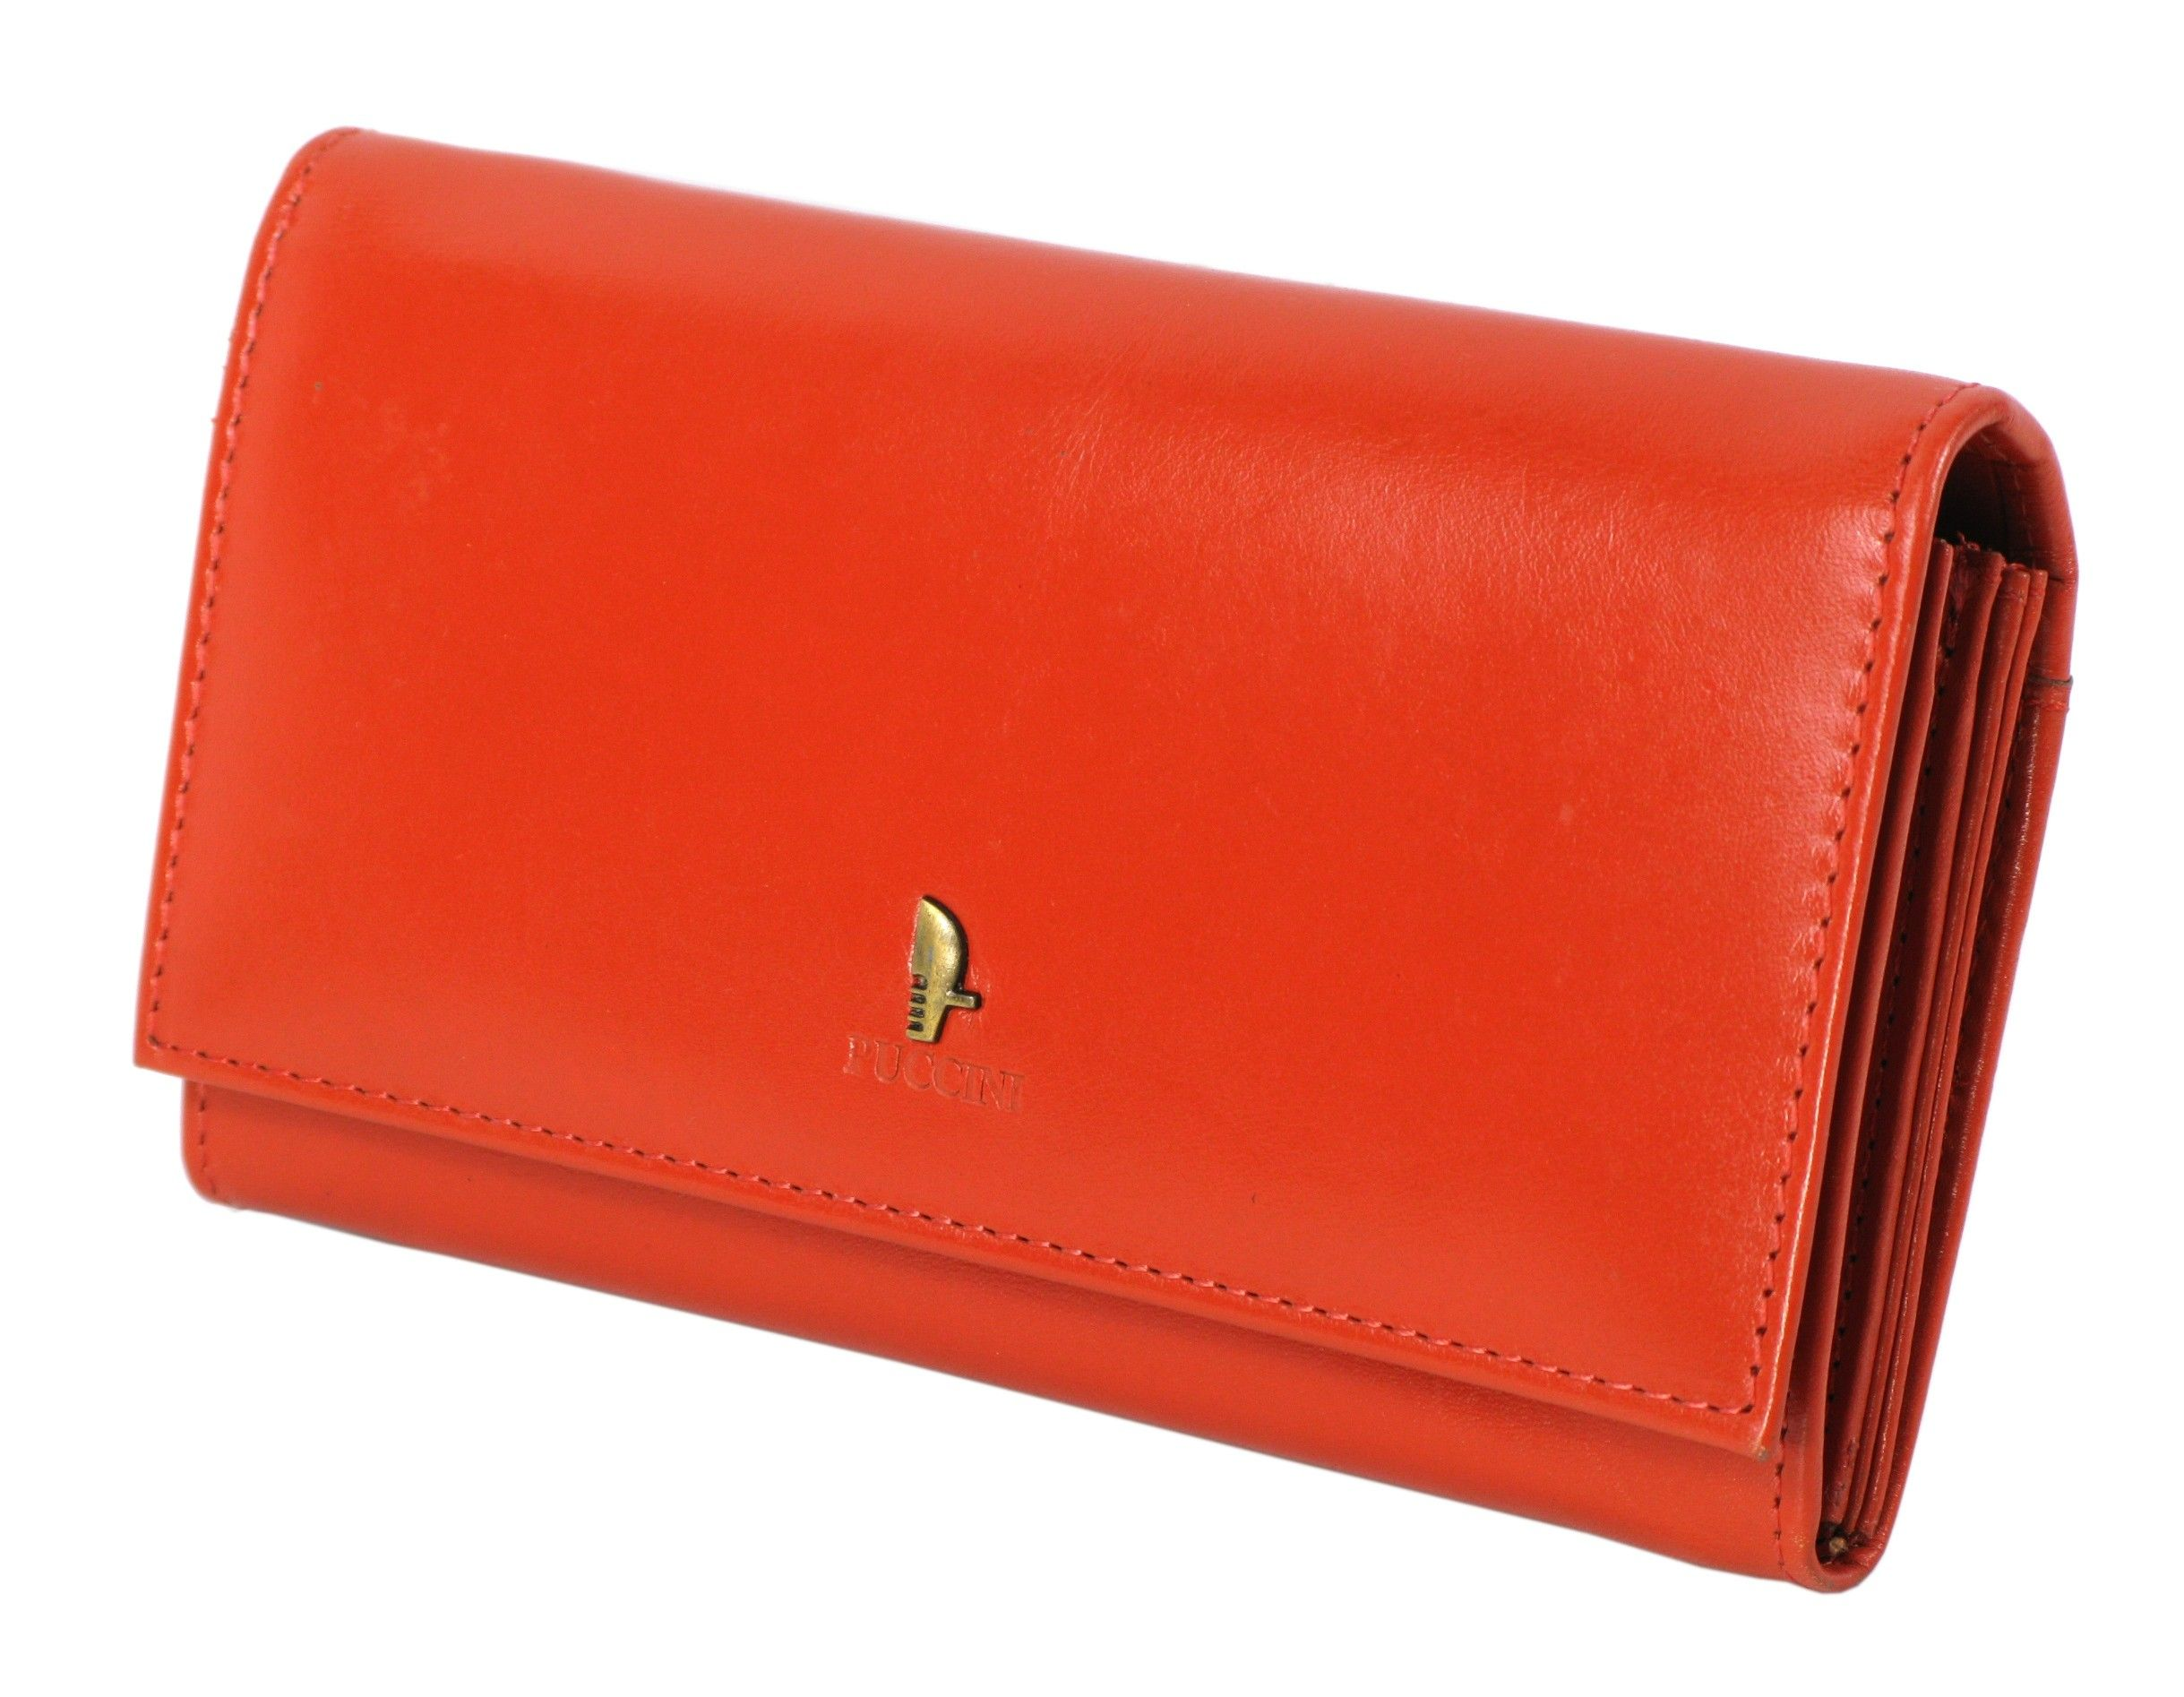 49c6e0e4ccc45 Damski portfel skórzany PUCCINI P-1706 pomarańczowy | Akcesoria ...